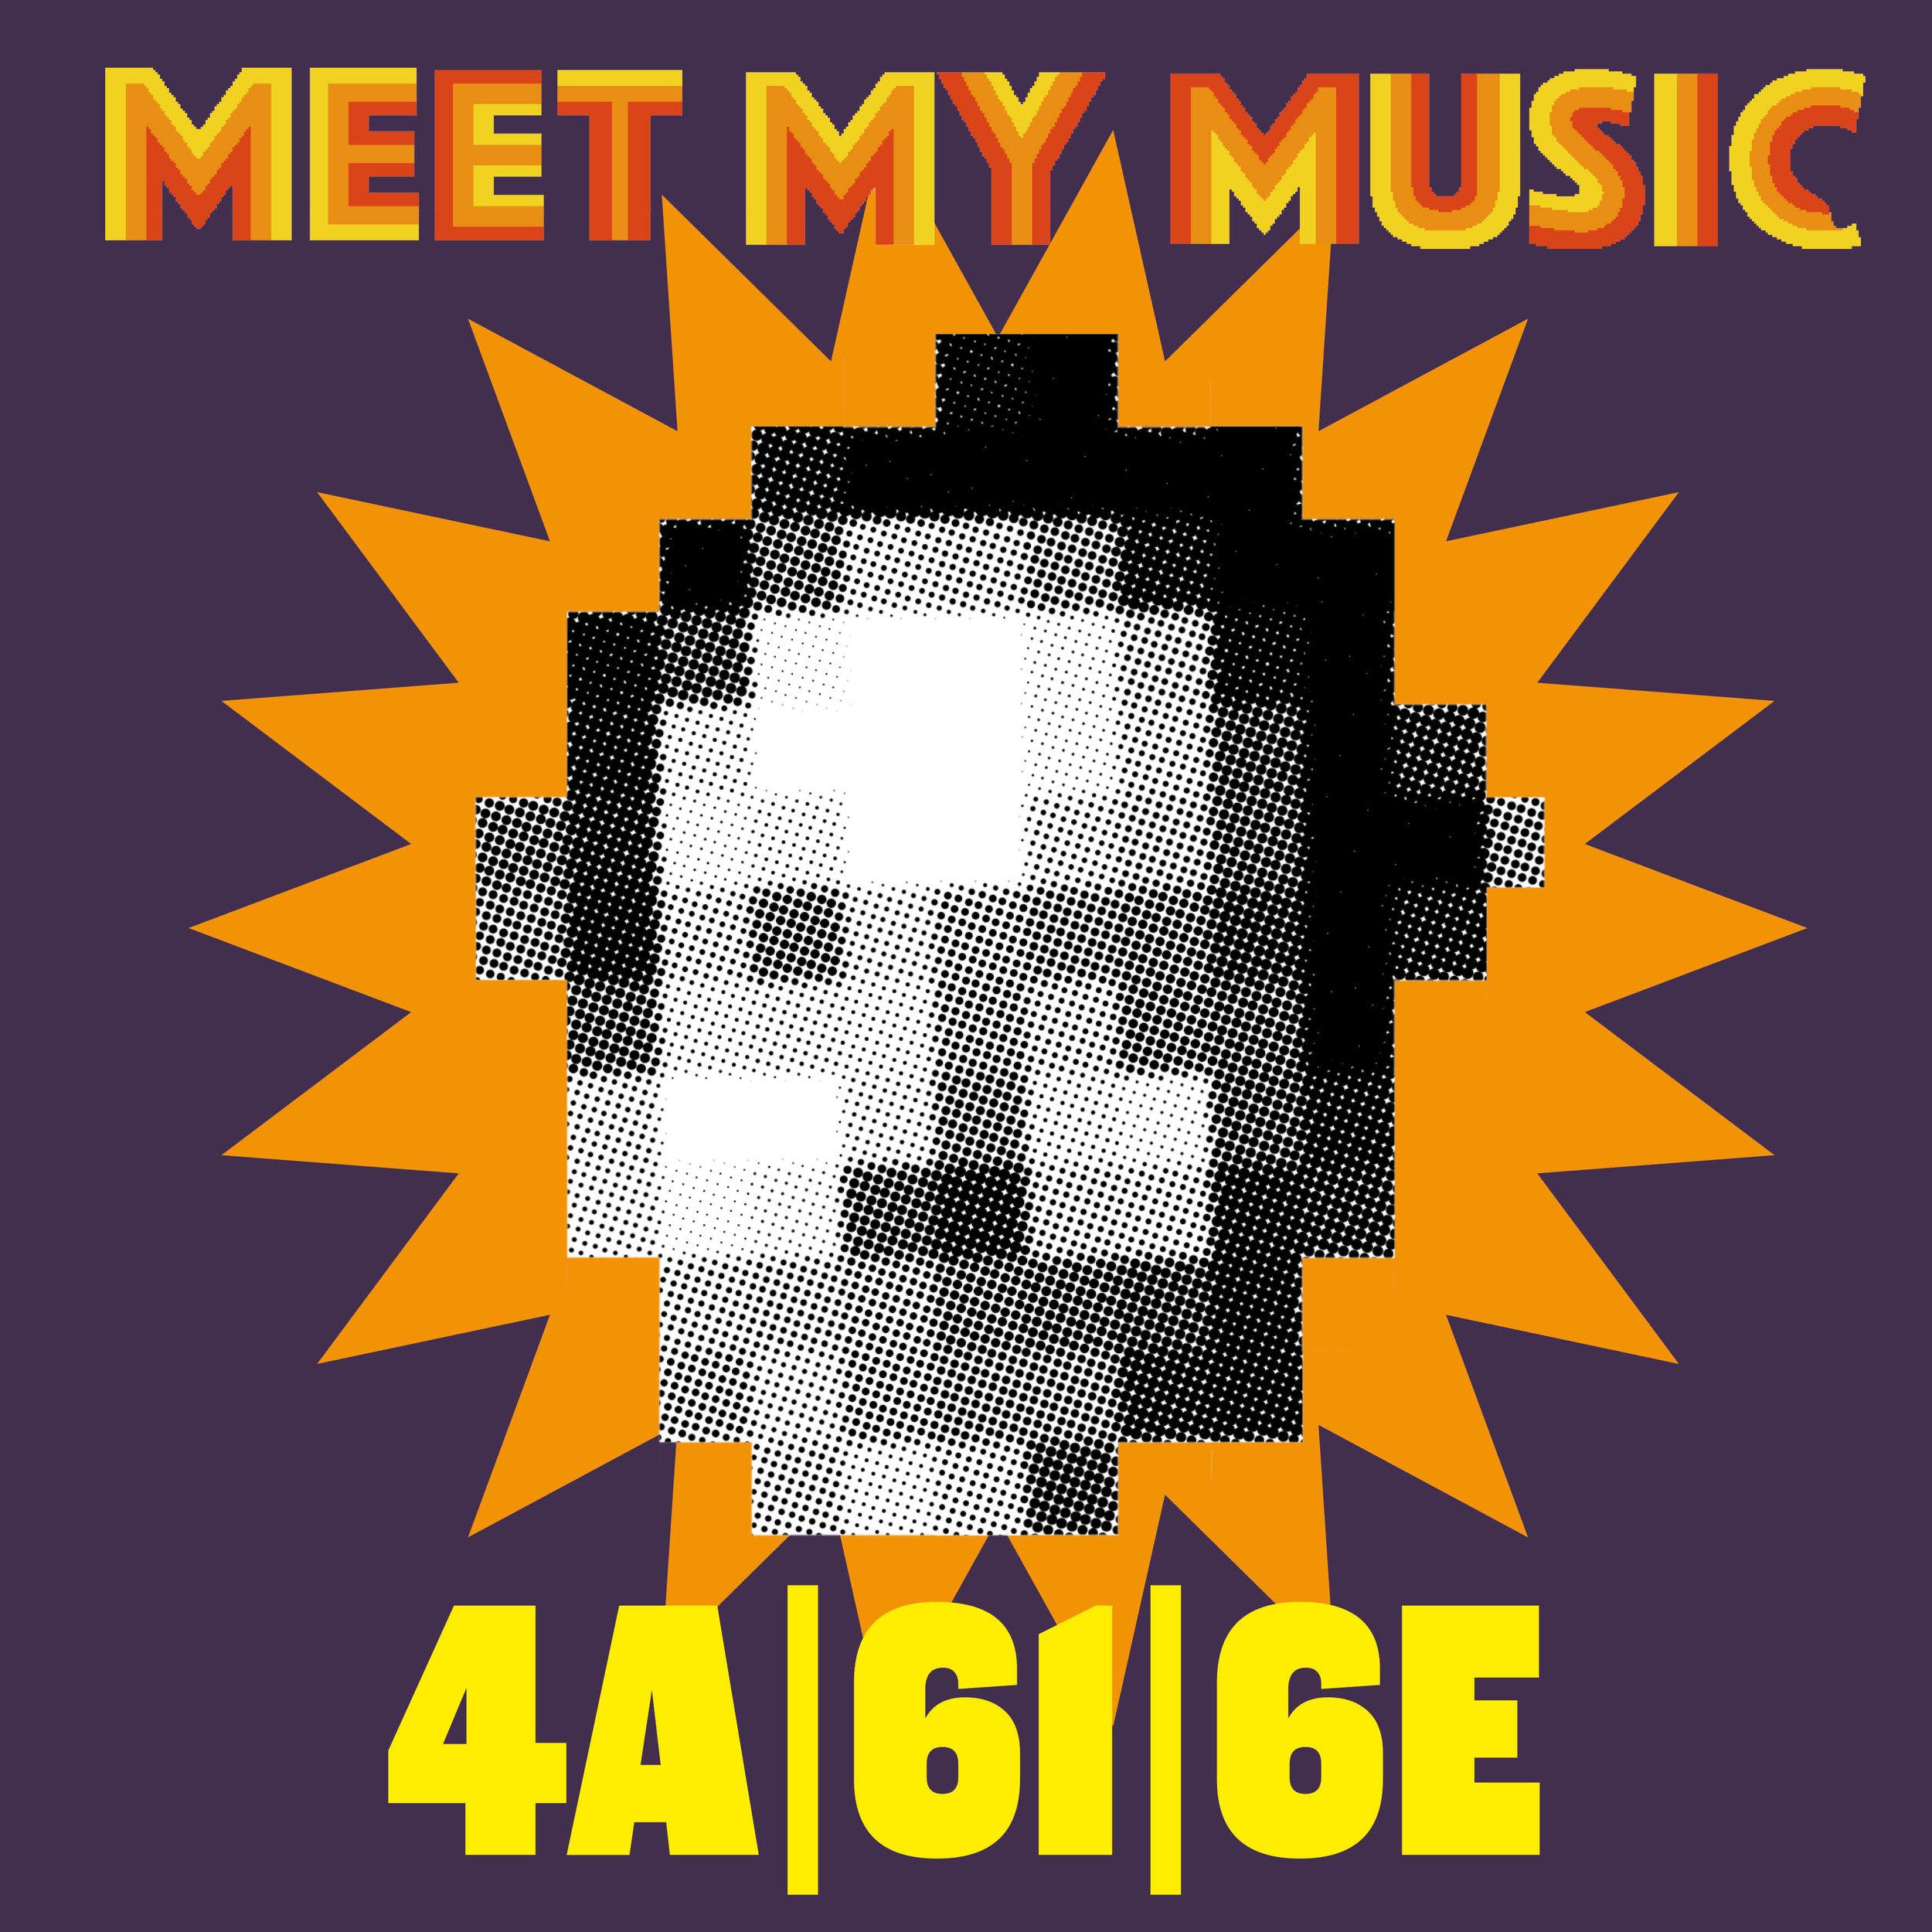 Meet my music 4A|61|6E.jpg